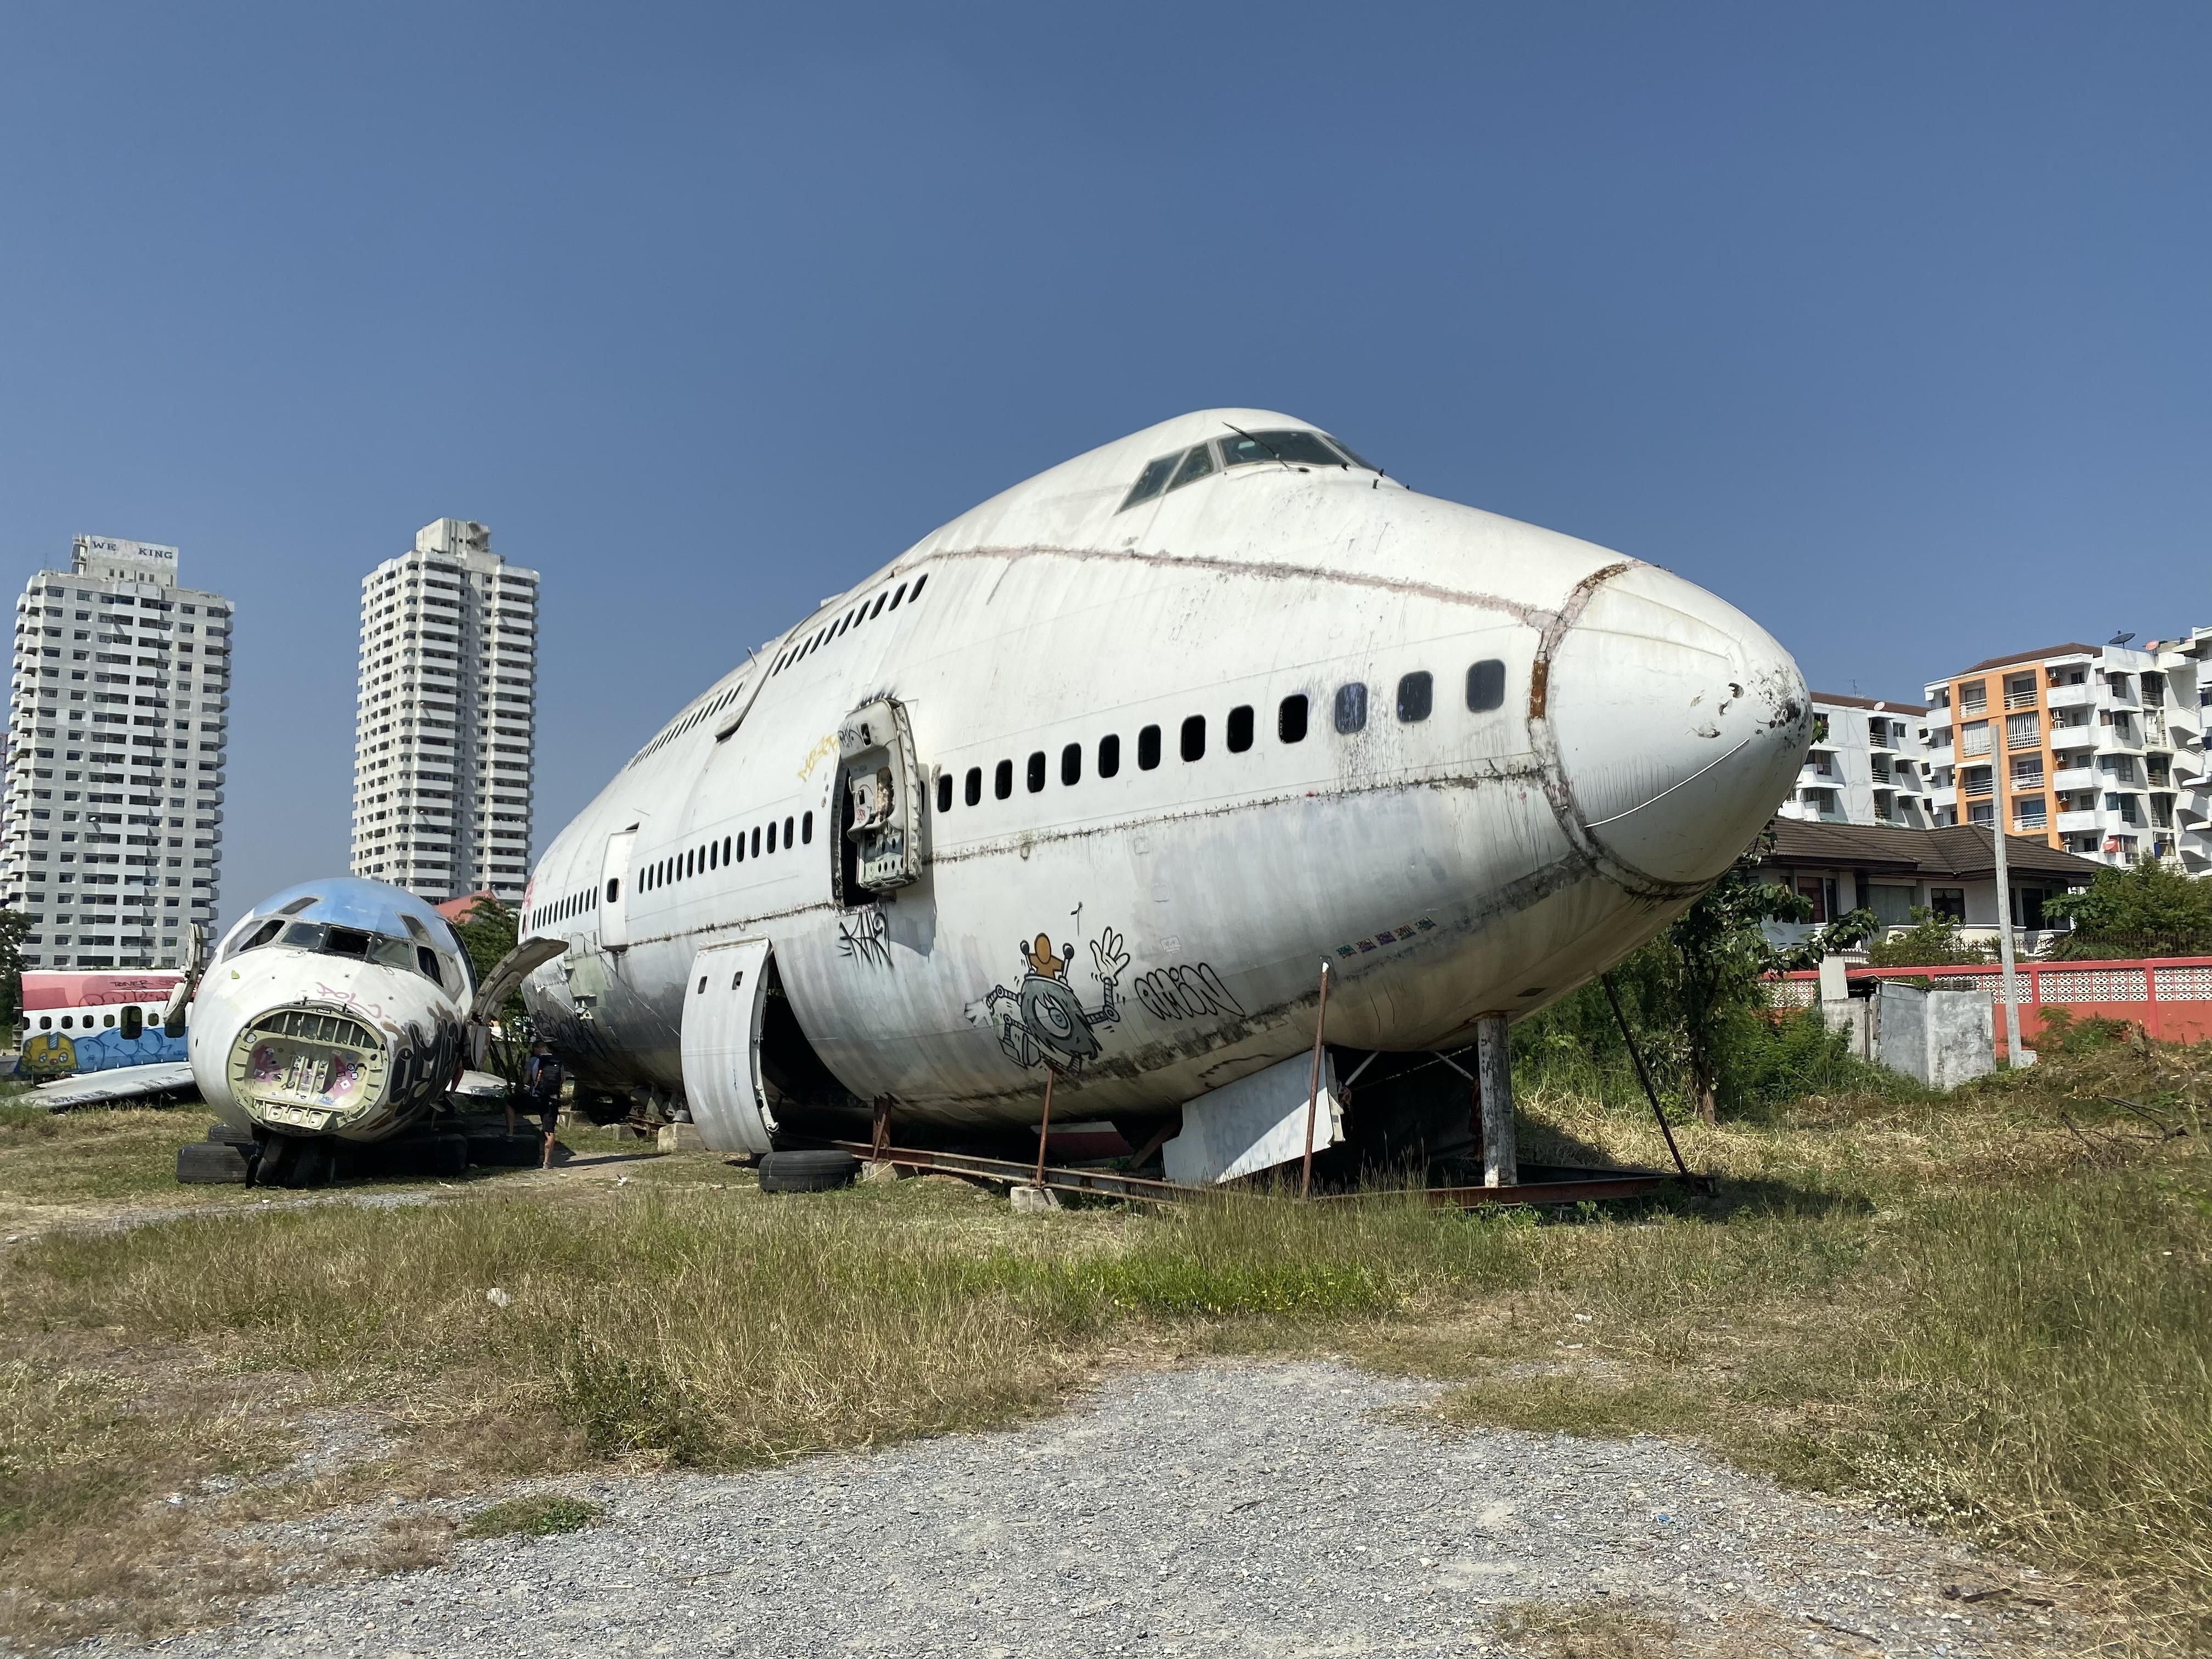 墓場 飛行機 の